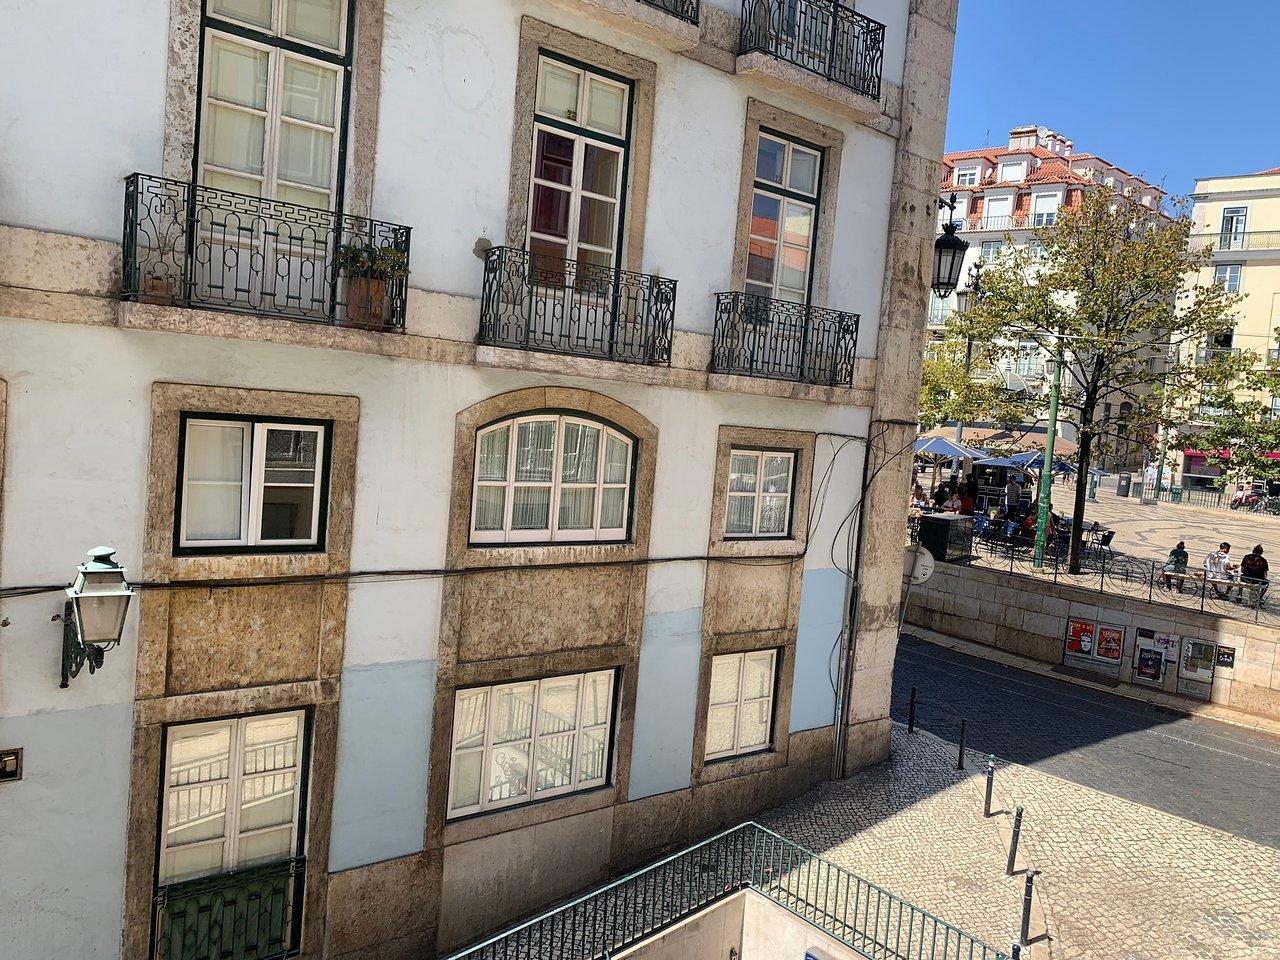 Downtown Castle 2#, Λισαβόνα – Κάντε Κράτηση με Εγγύηση Καλύτερης Τιμής!